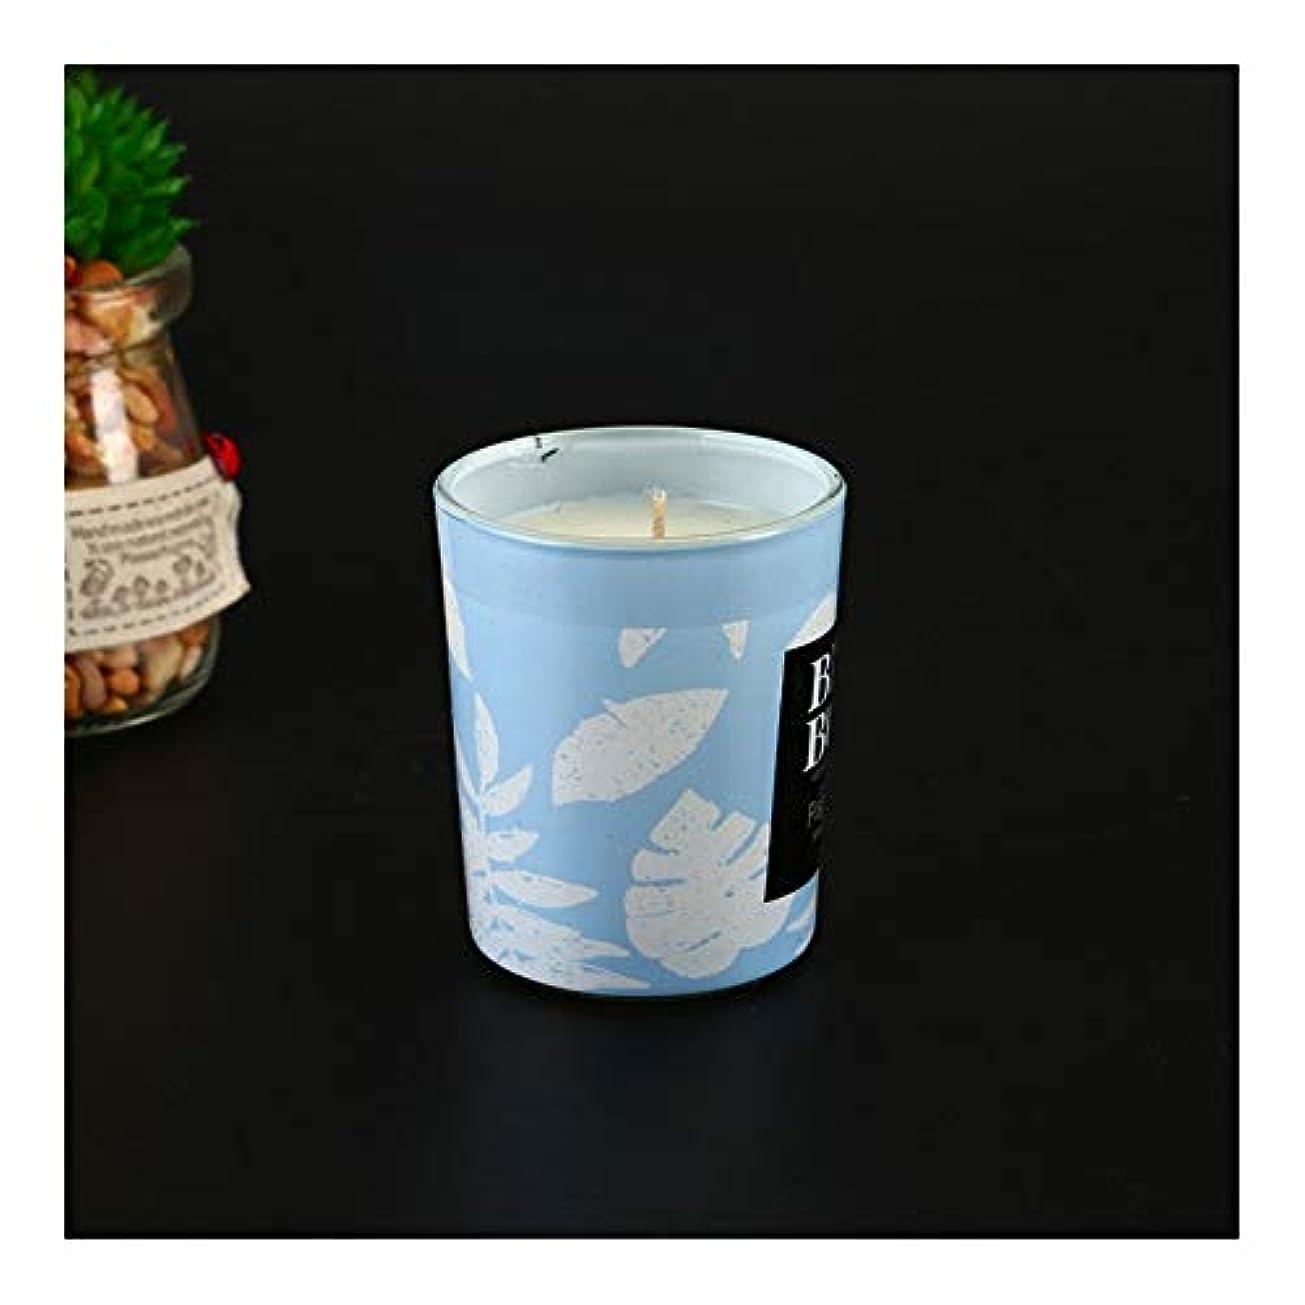 リレーペルソナ放送Guomao アロマセラピーキャンドルカップ告白アーティファクトキャンドル手で環境に優しい無煙大豆ワックス (色 : Blue wind chime)